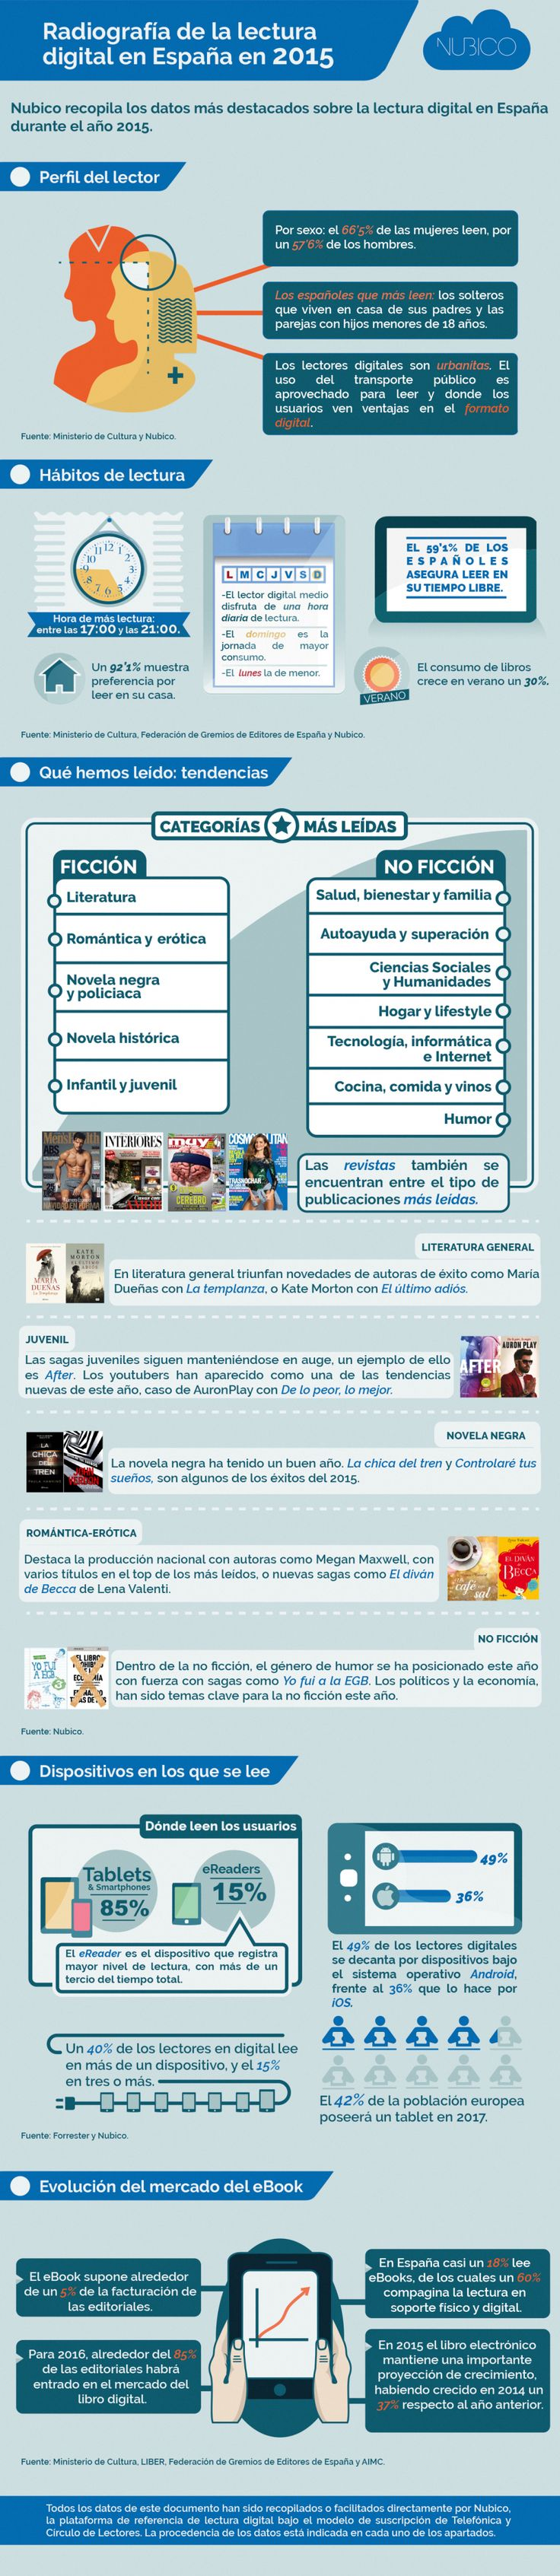 https://alfredovela.files.wordpress.com/2015/12/rdiografia-de-la-lectura-digital-en-espana-en-2015-infografia.jpg